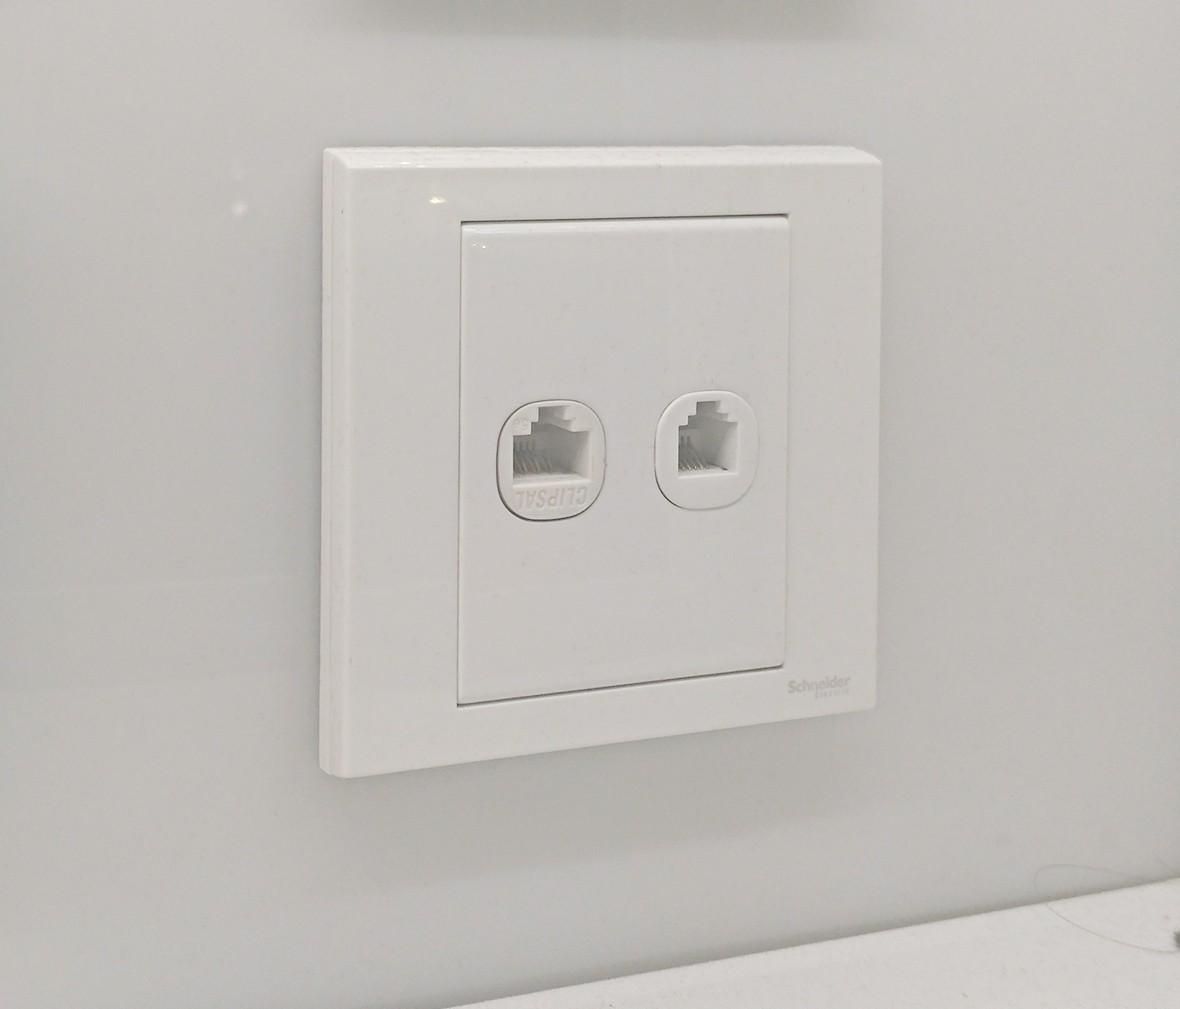 施耐德 如意系列 电脑电话插座 PC材质 耐高温 防漏电 安全插座 实拍